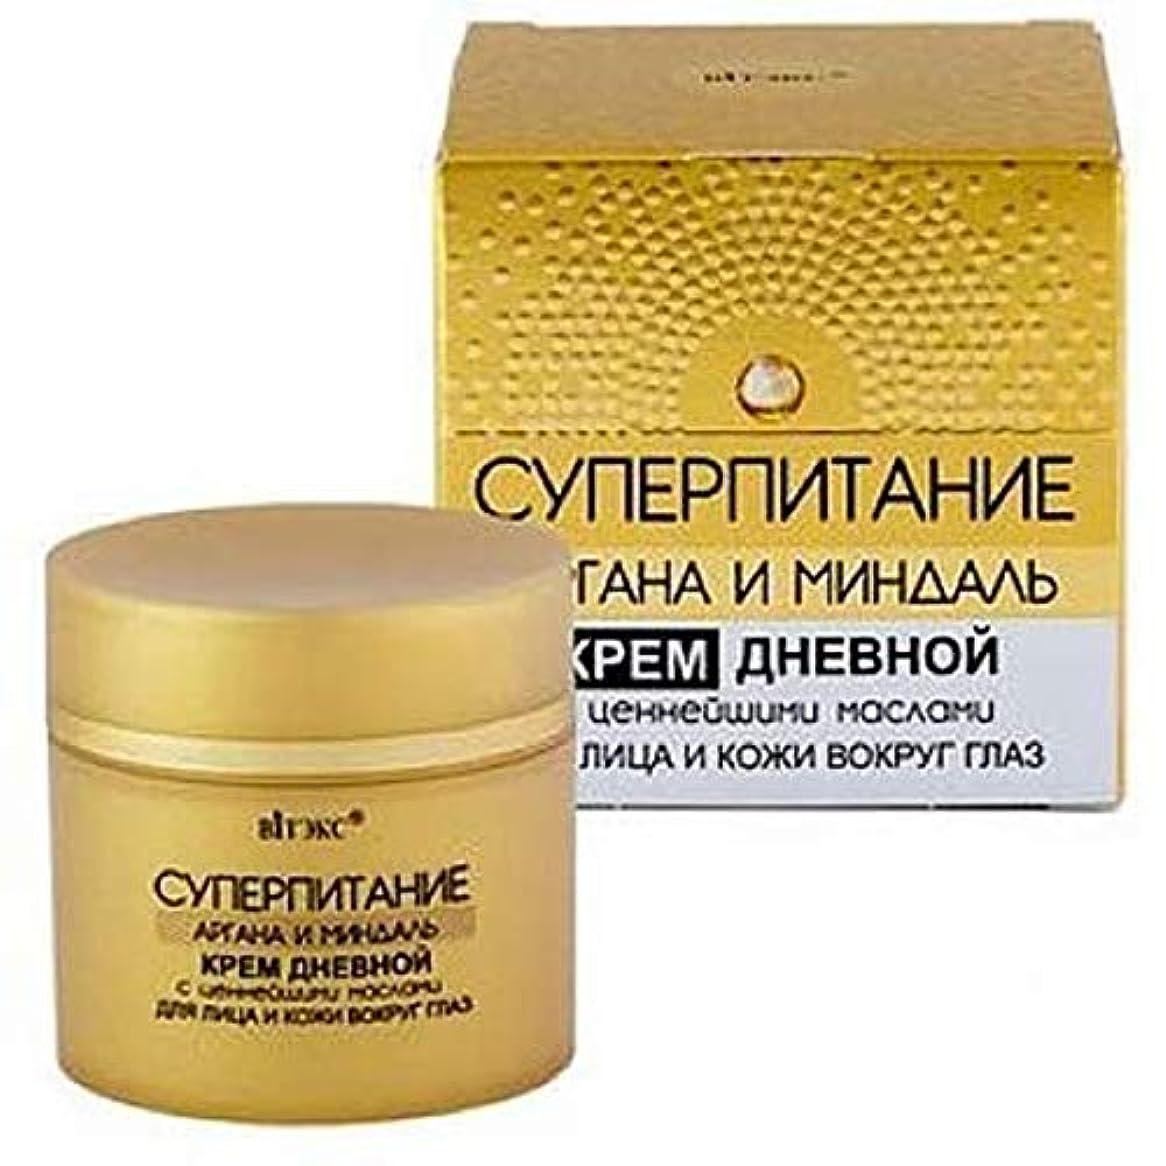 激怒たくさんのテキストDay cream with the most valuable oils for the face and skin around the eyes | Argan and Almond | Nutrition | Actively...